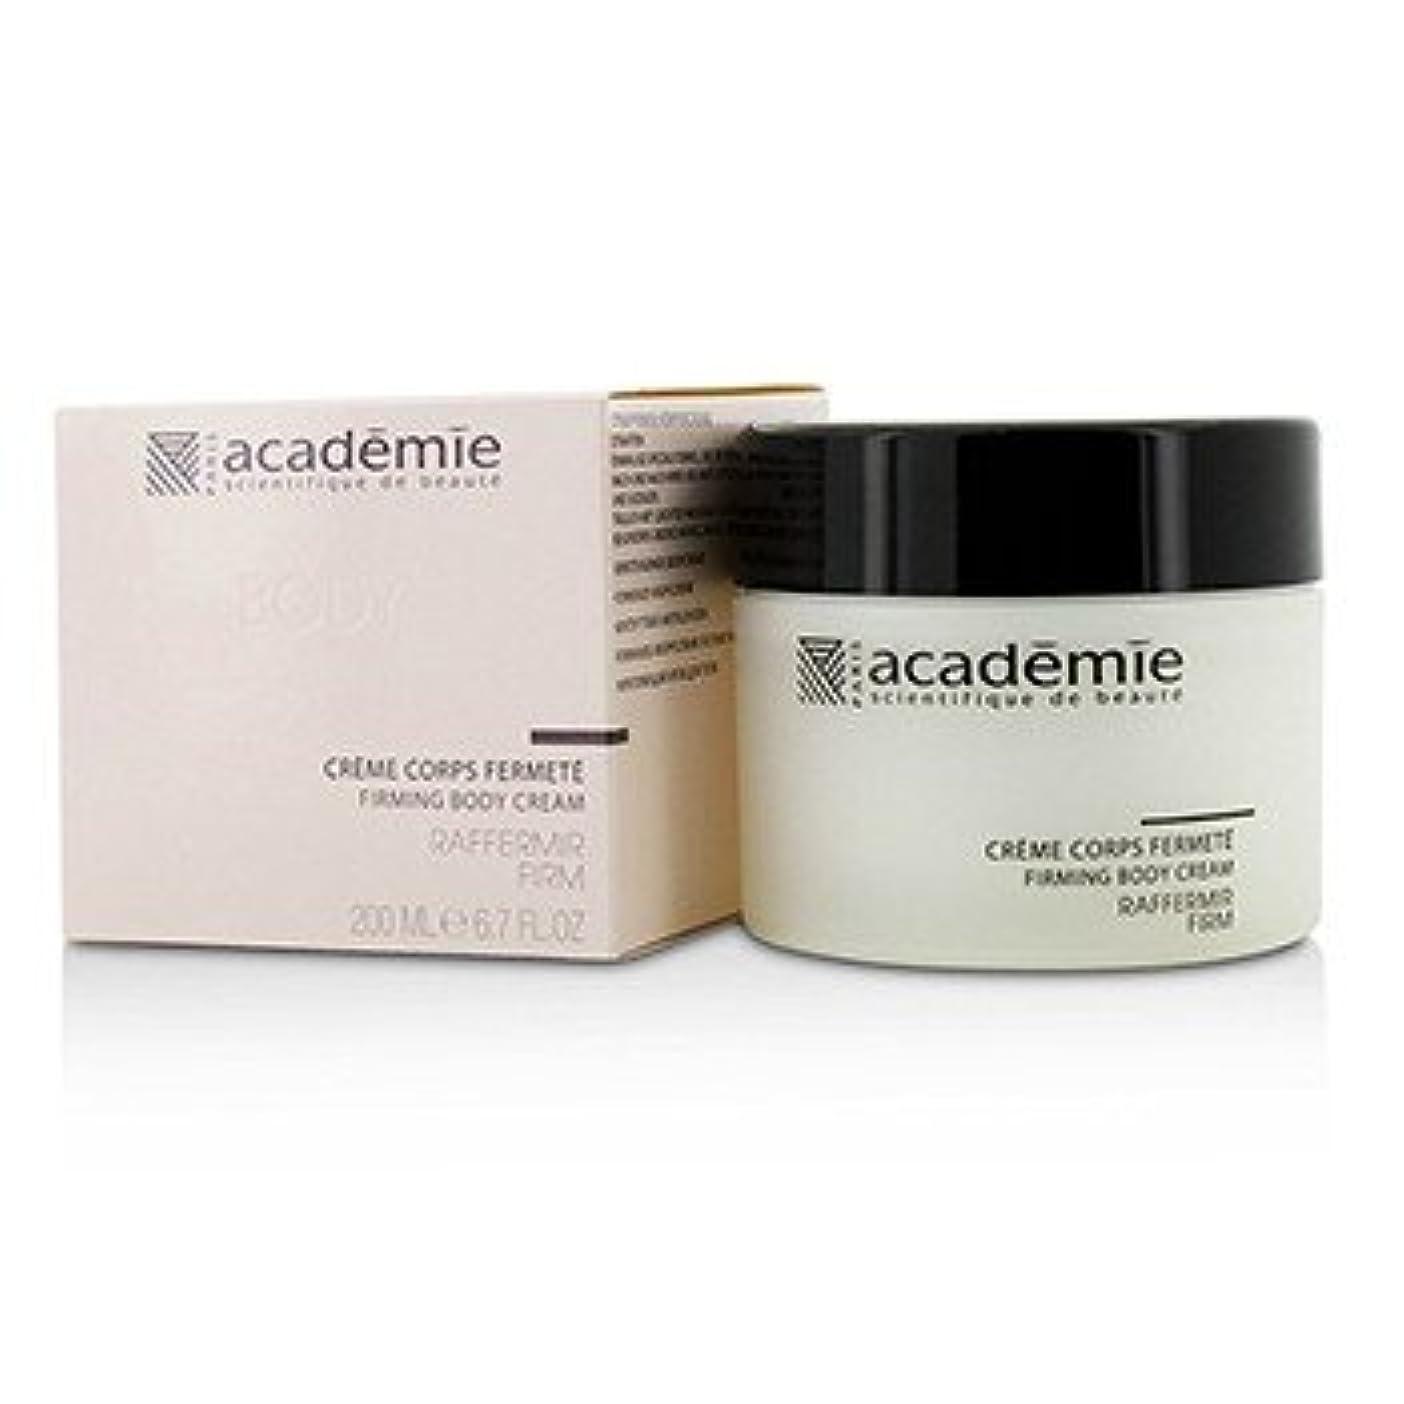 適切に創造密輸[Academie] Firming Body Cream 200ml/6.7oz